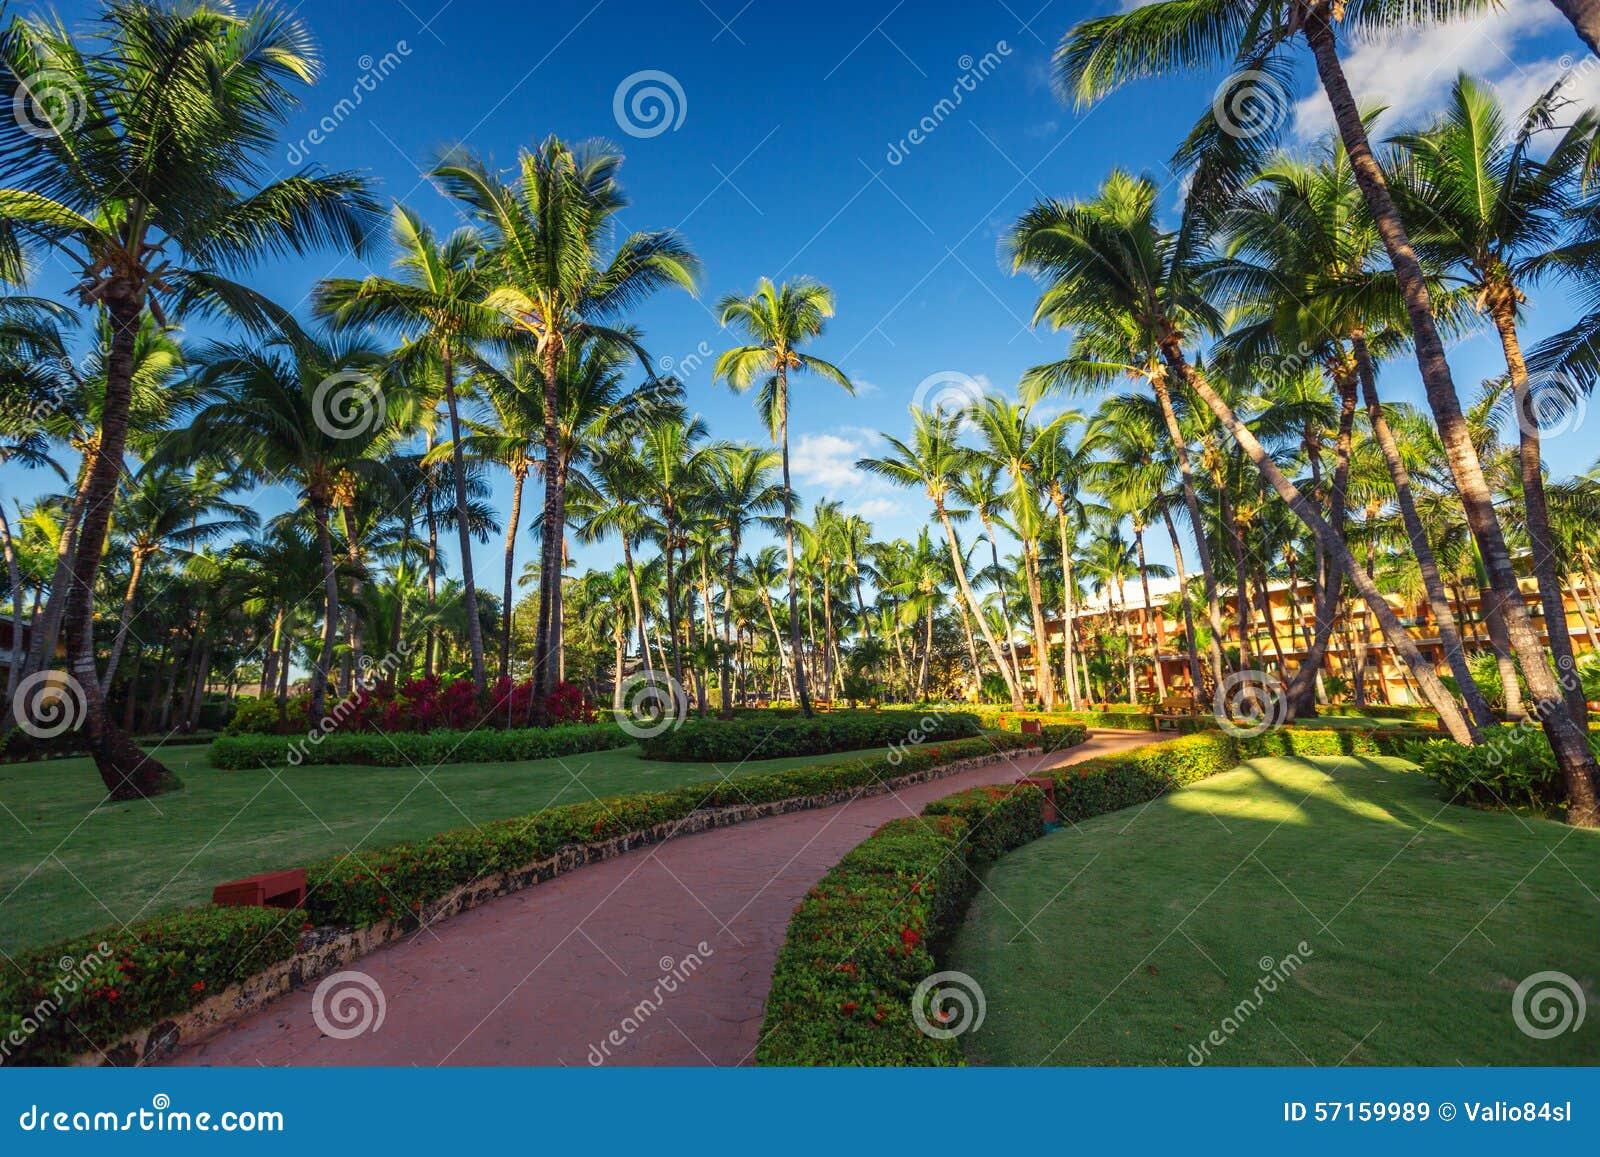 Camino y jardín tropical en el complejo playero, Punta Cana